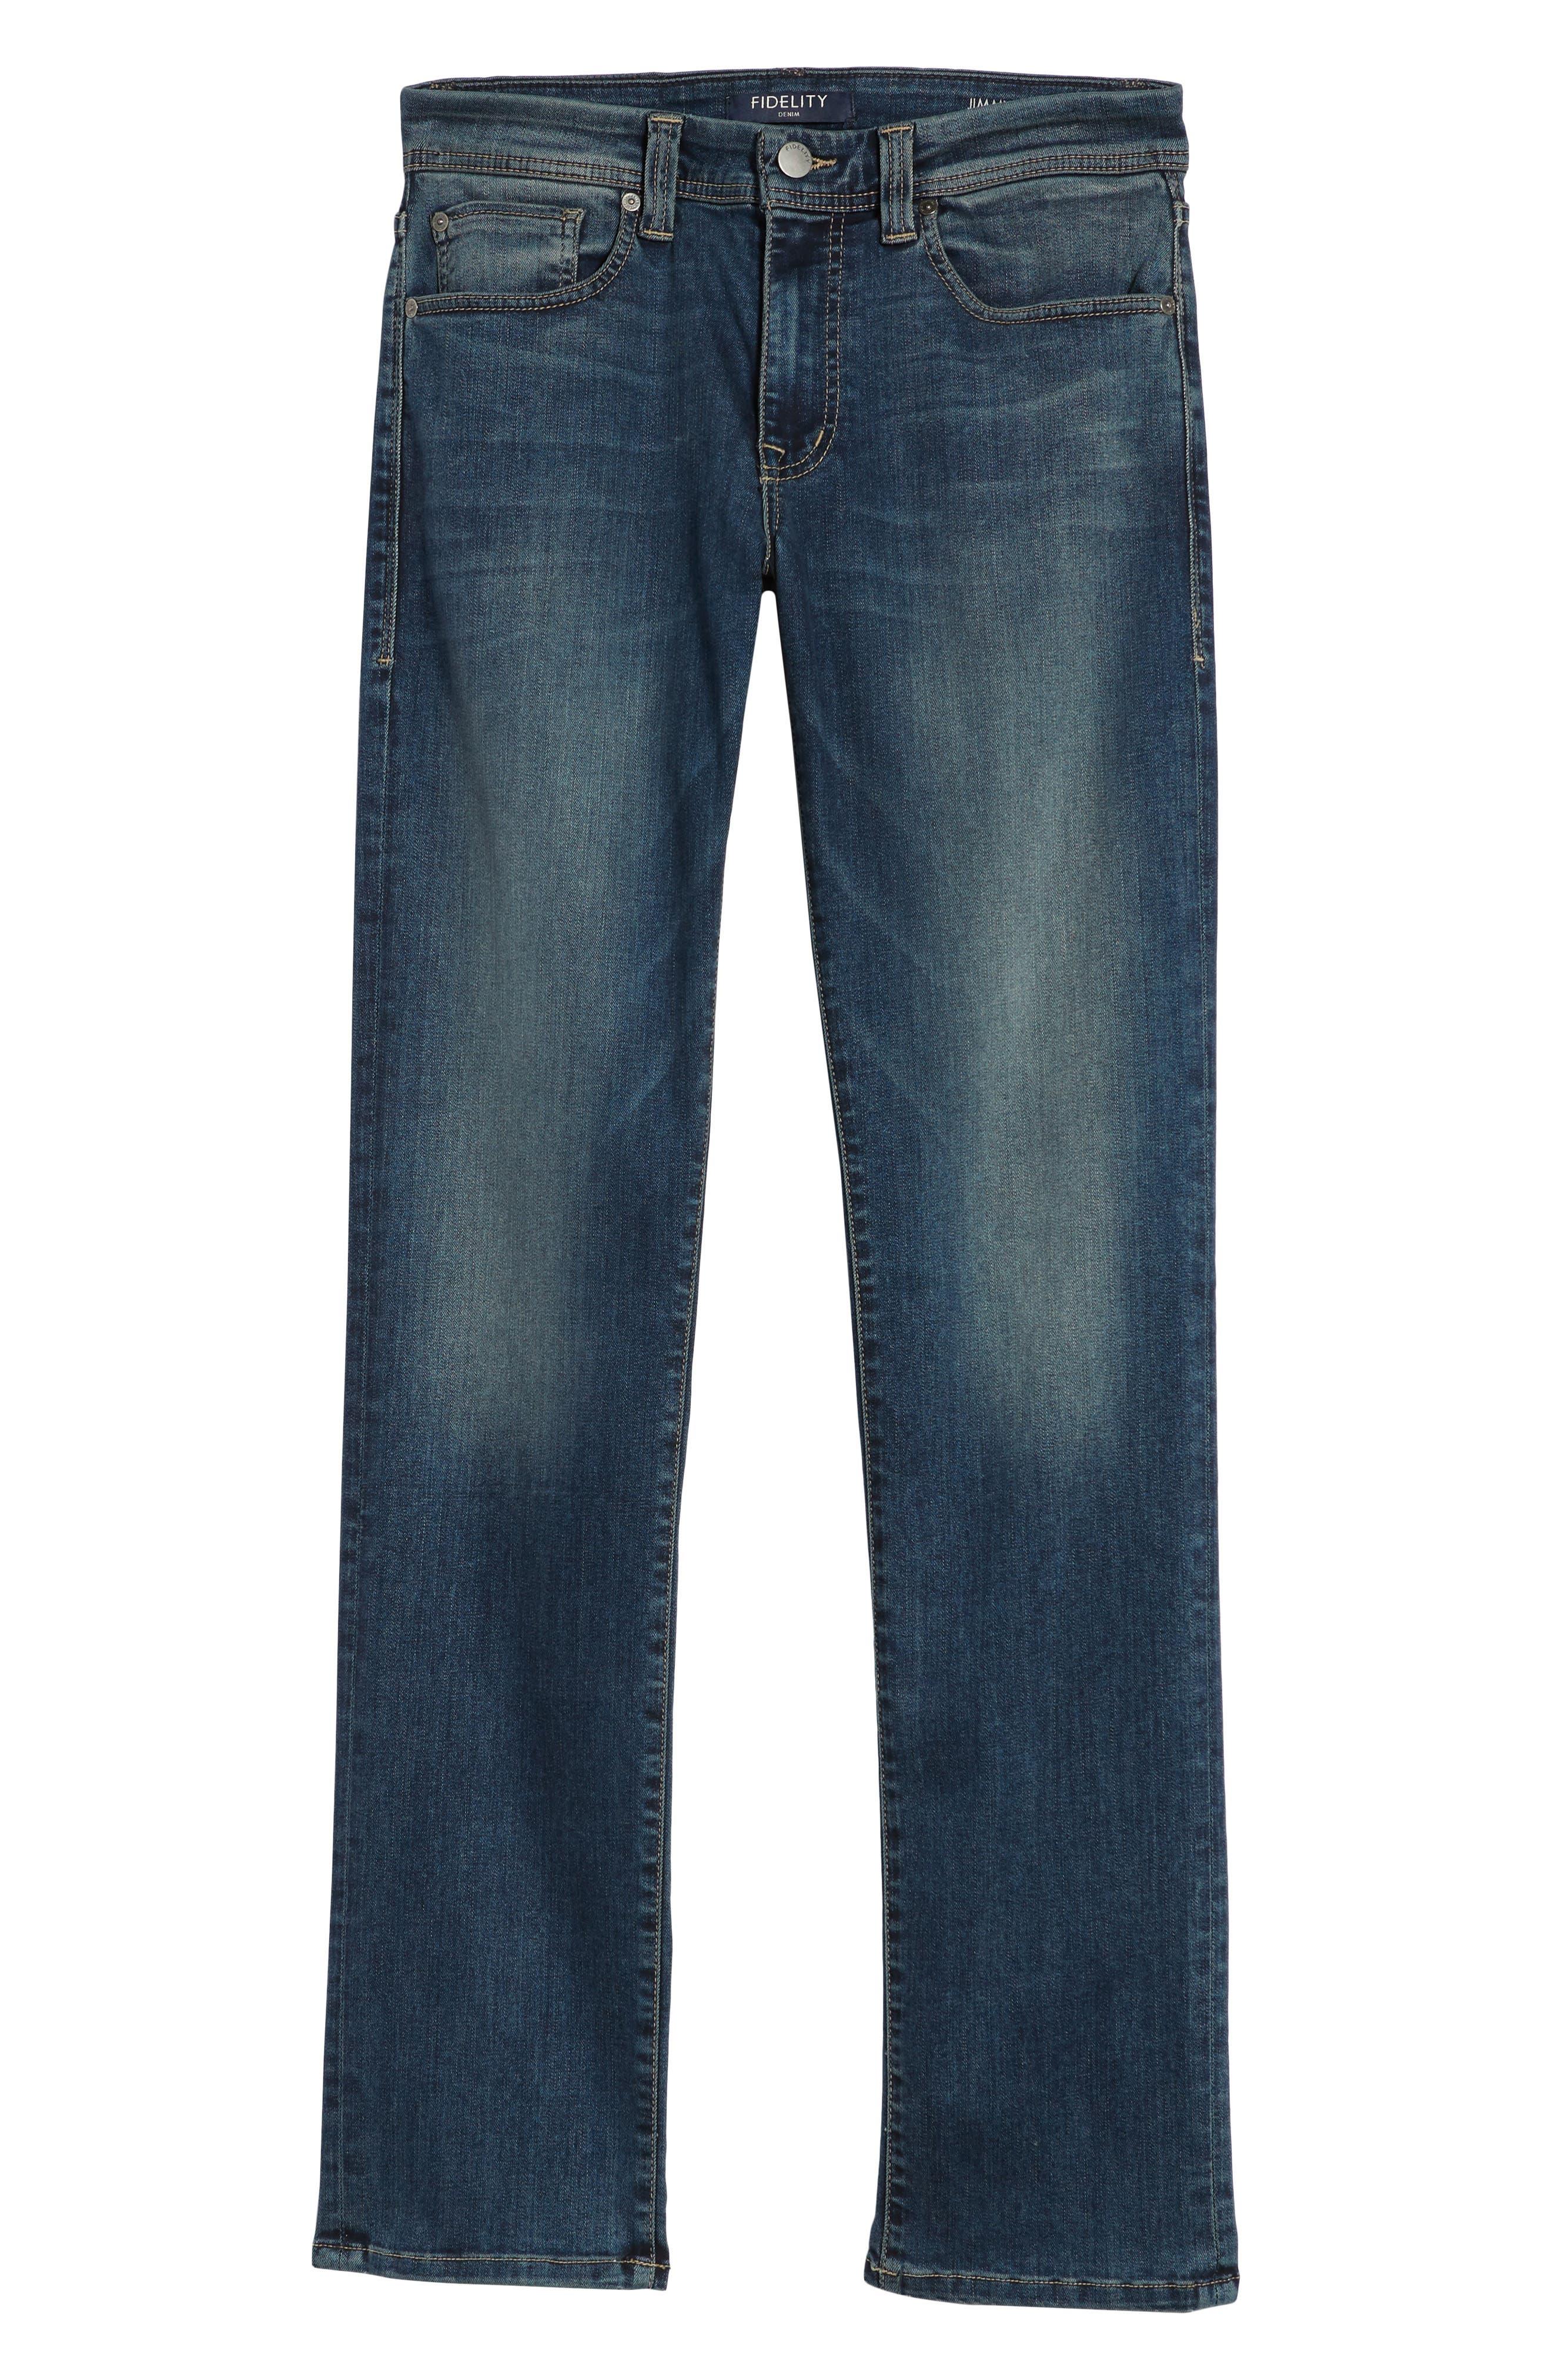 Jimmy Slim Straight Leg Jeans,                             Alternate thumbnail 6, color,                             Satori Blue